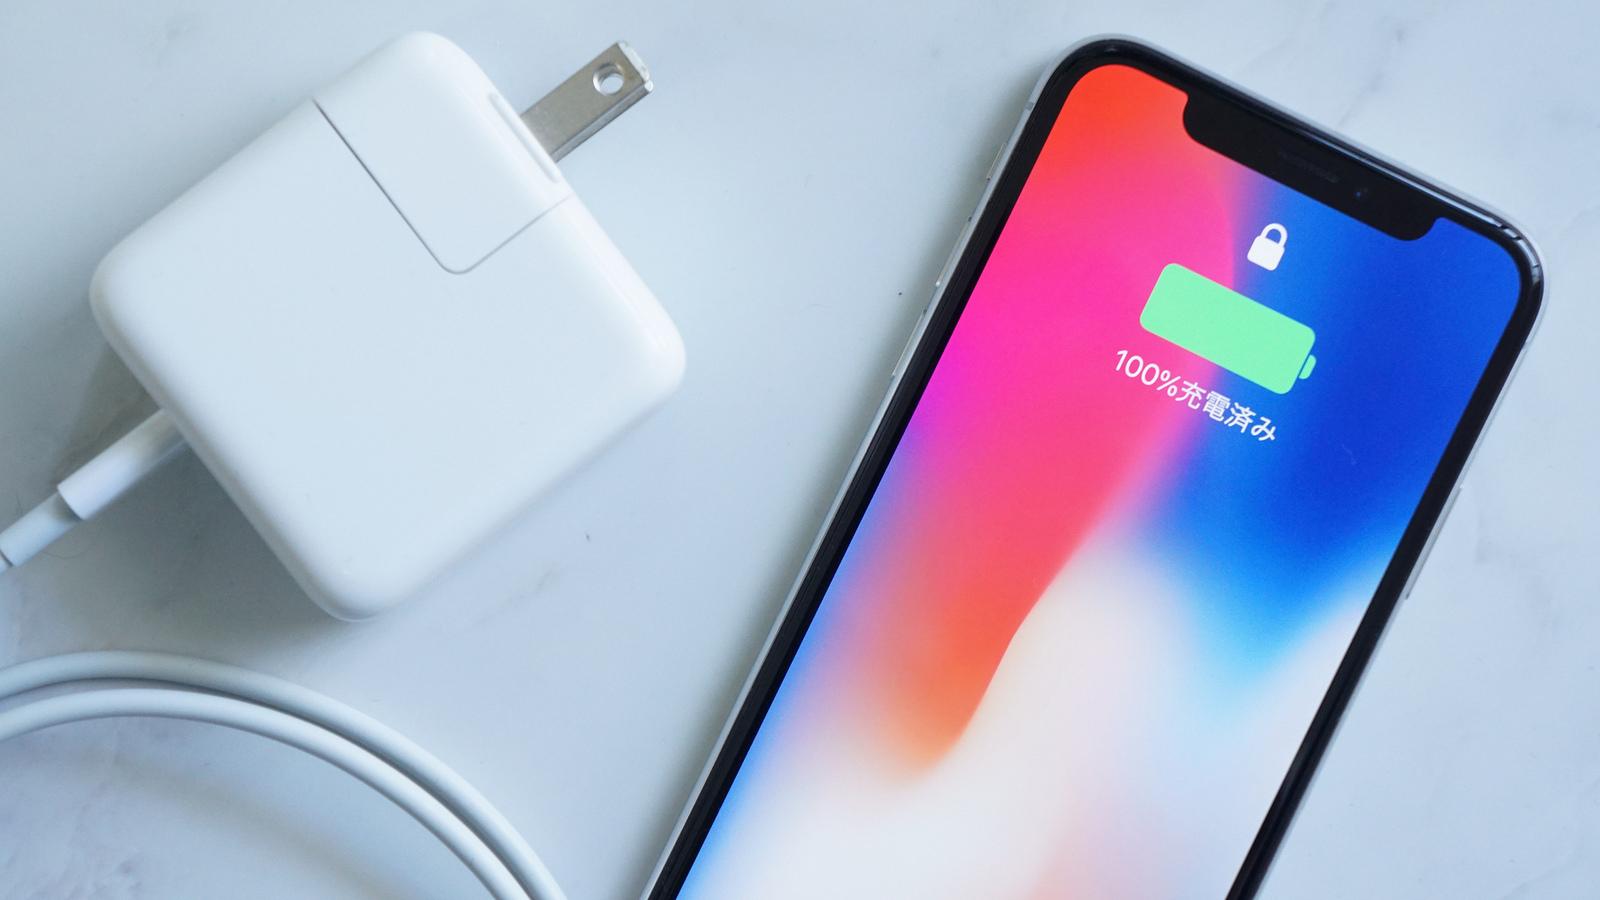 Apple iPhone отказывается заряжаться, если на нём установлена iOS 12 - фото 1 | Сервисный центр Total Apple